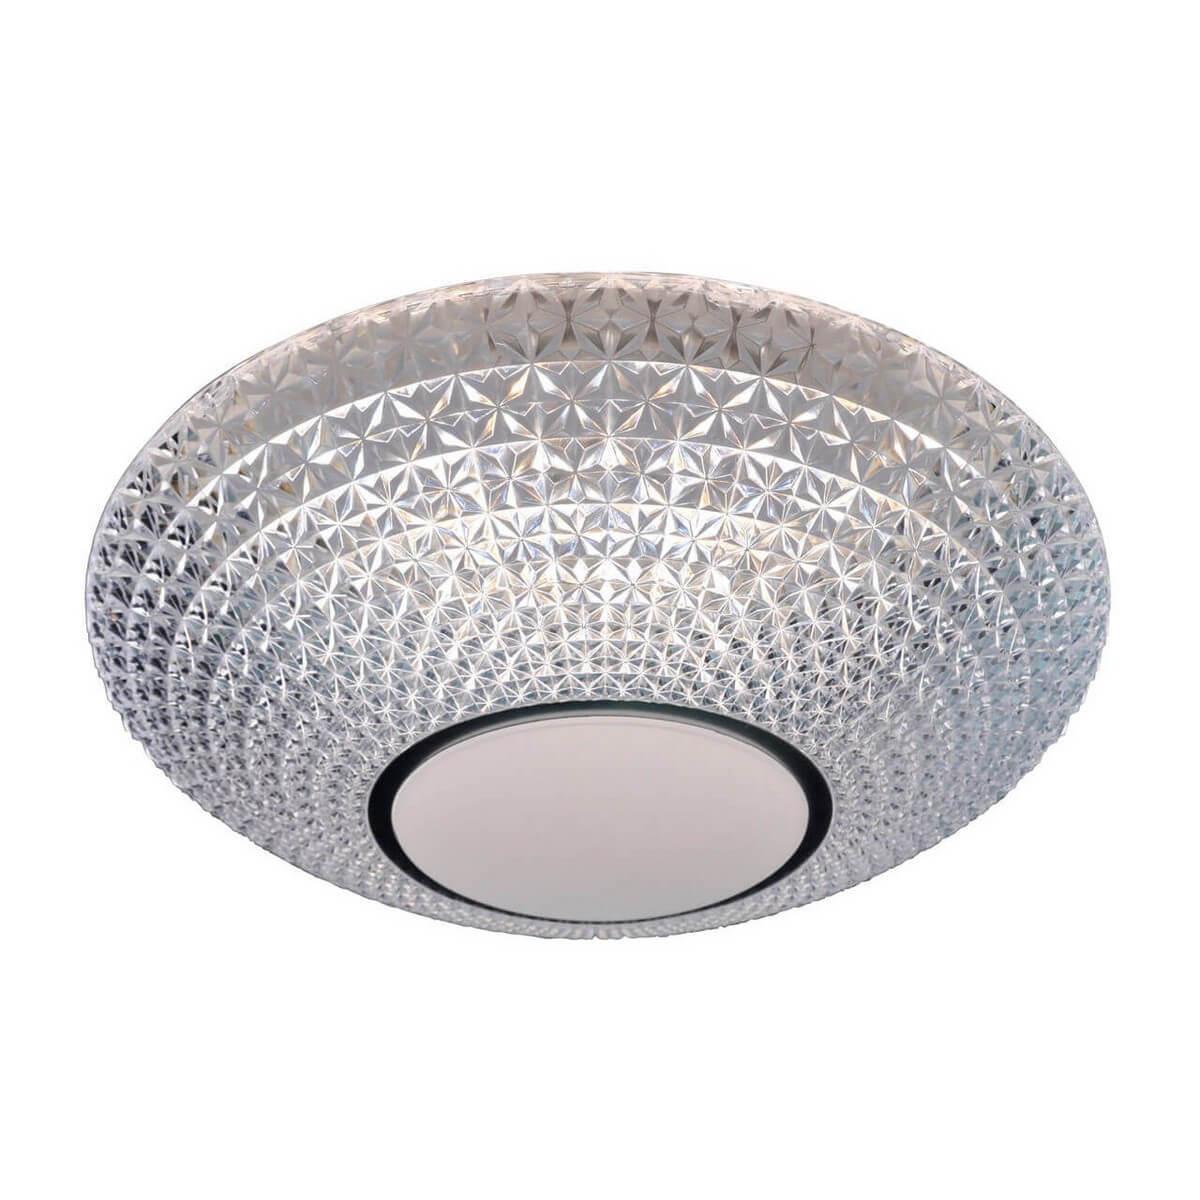 Светильник Kink Light 074144 Миканта потолочный светодиодный светильник kink light 074144